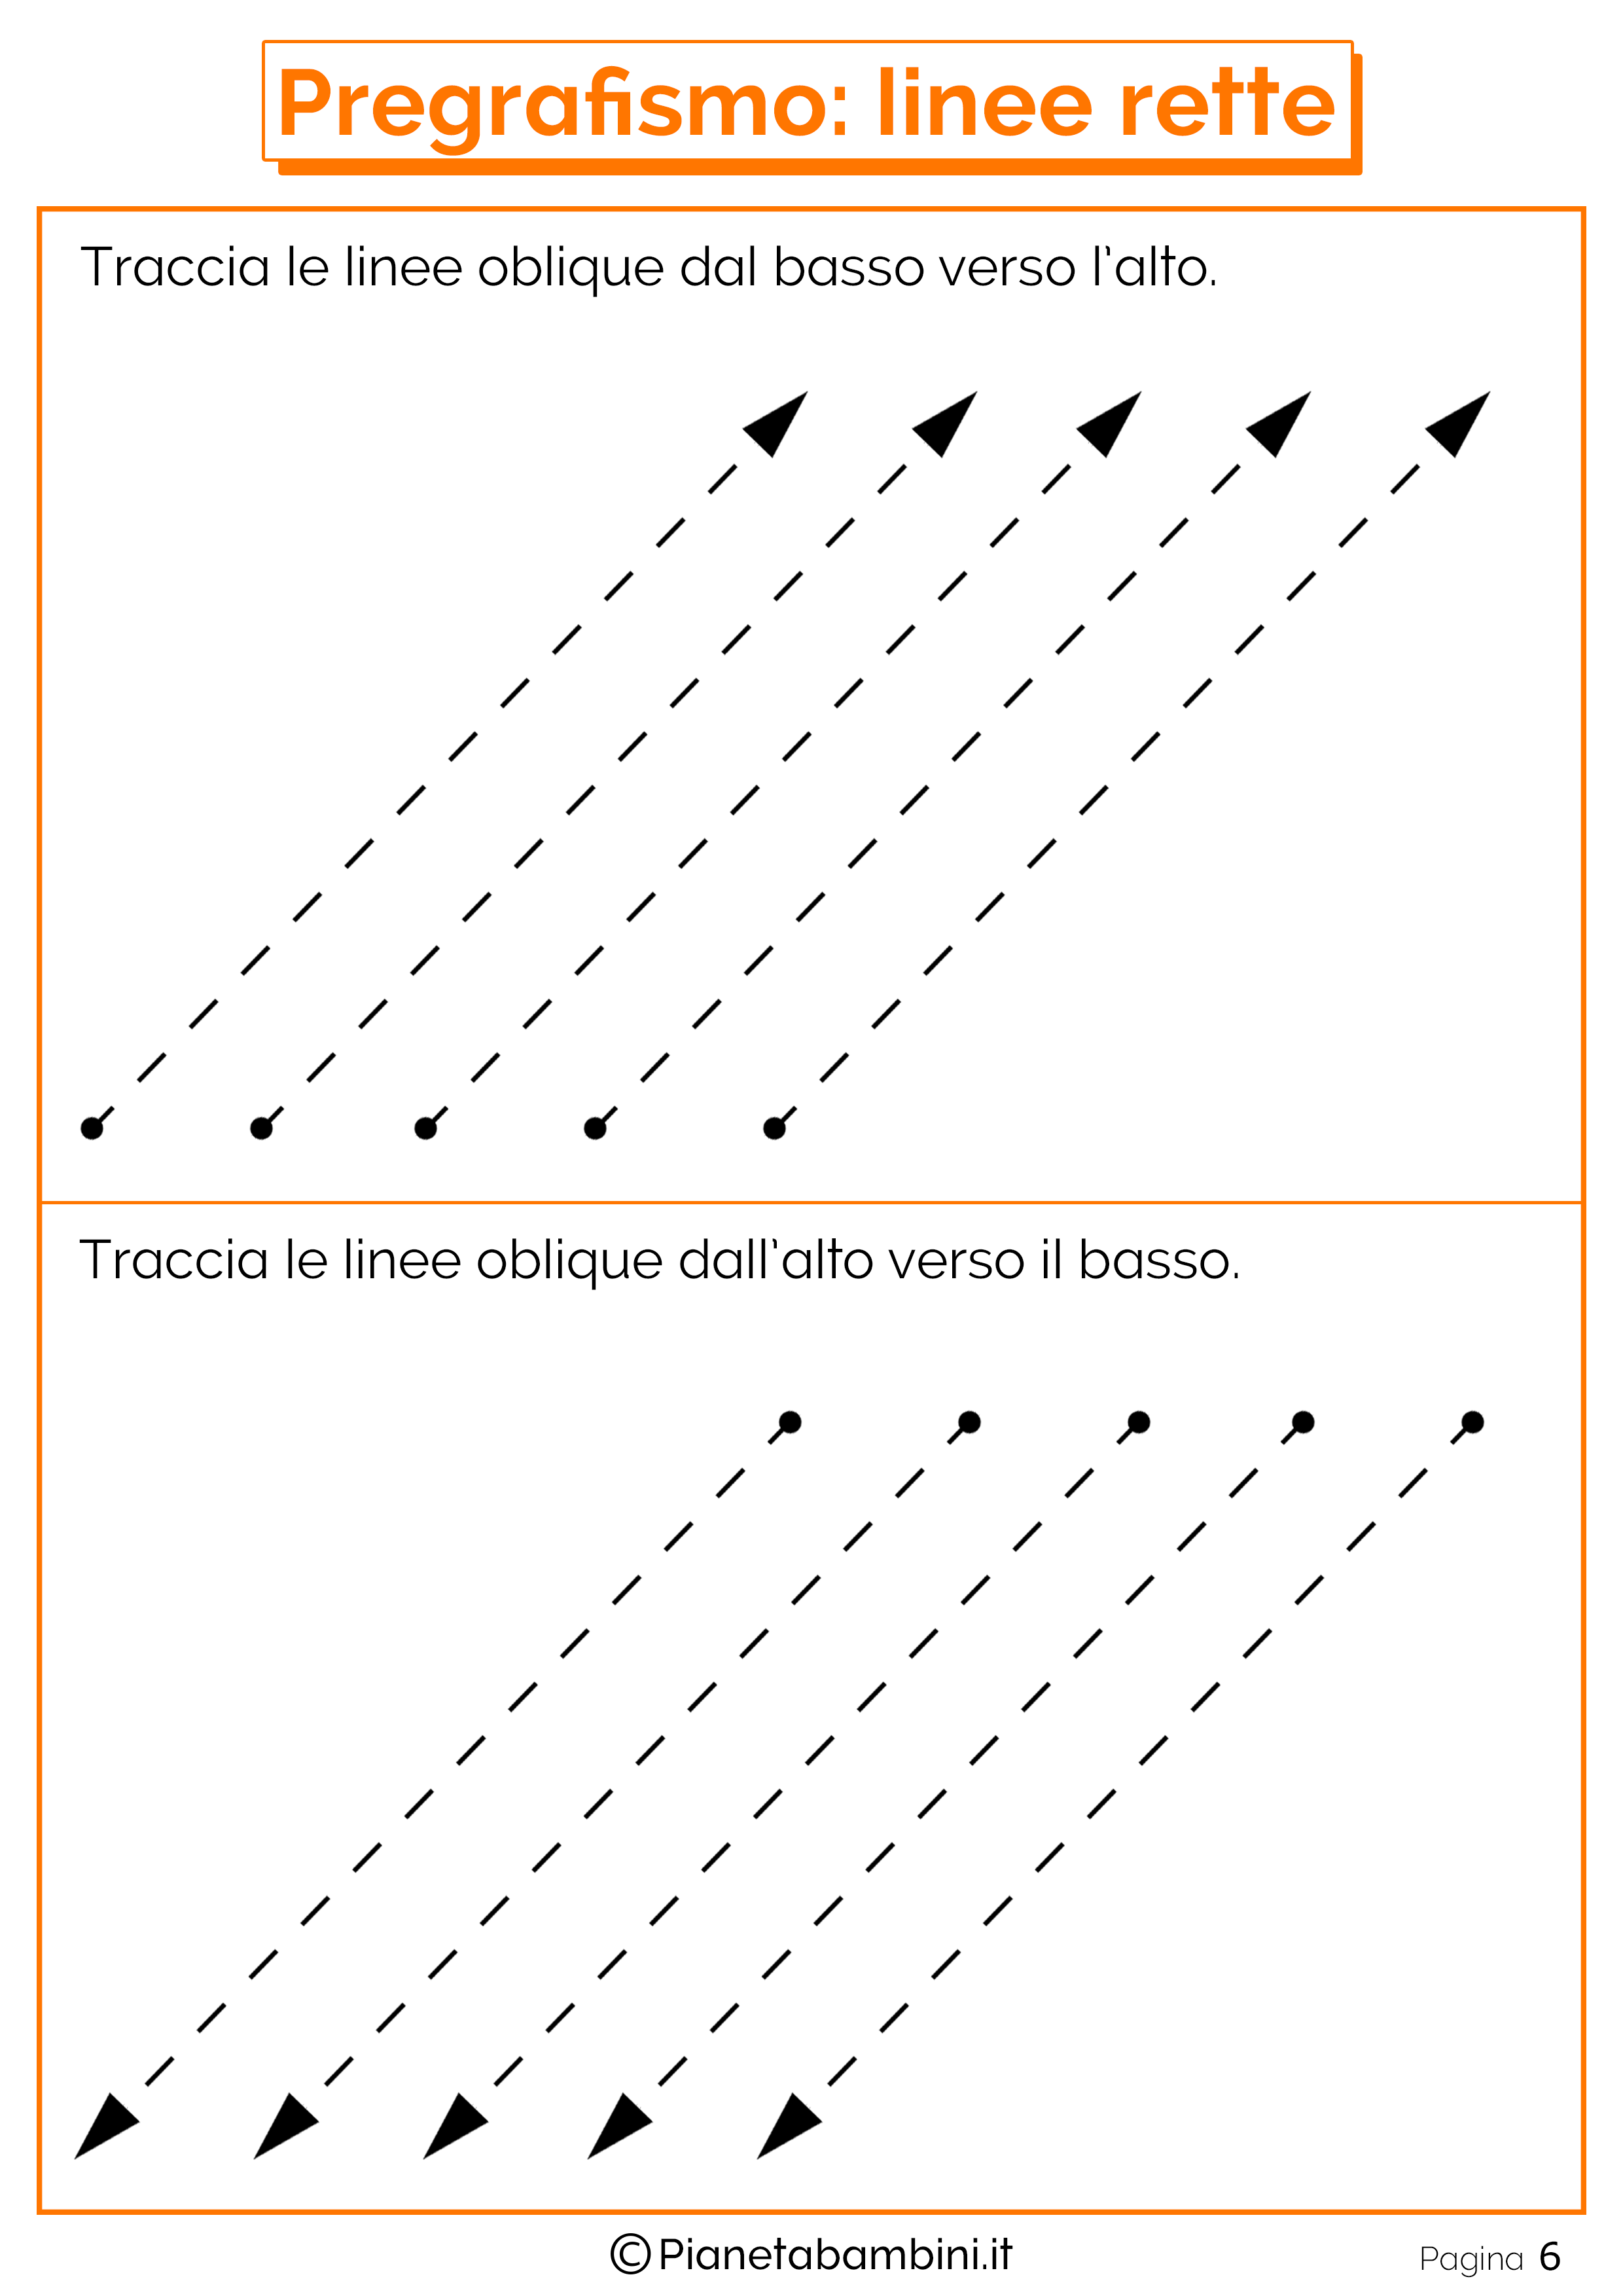 Pregrafismo-Linee-Rette_06